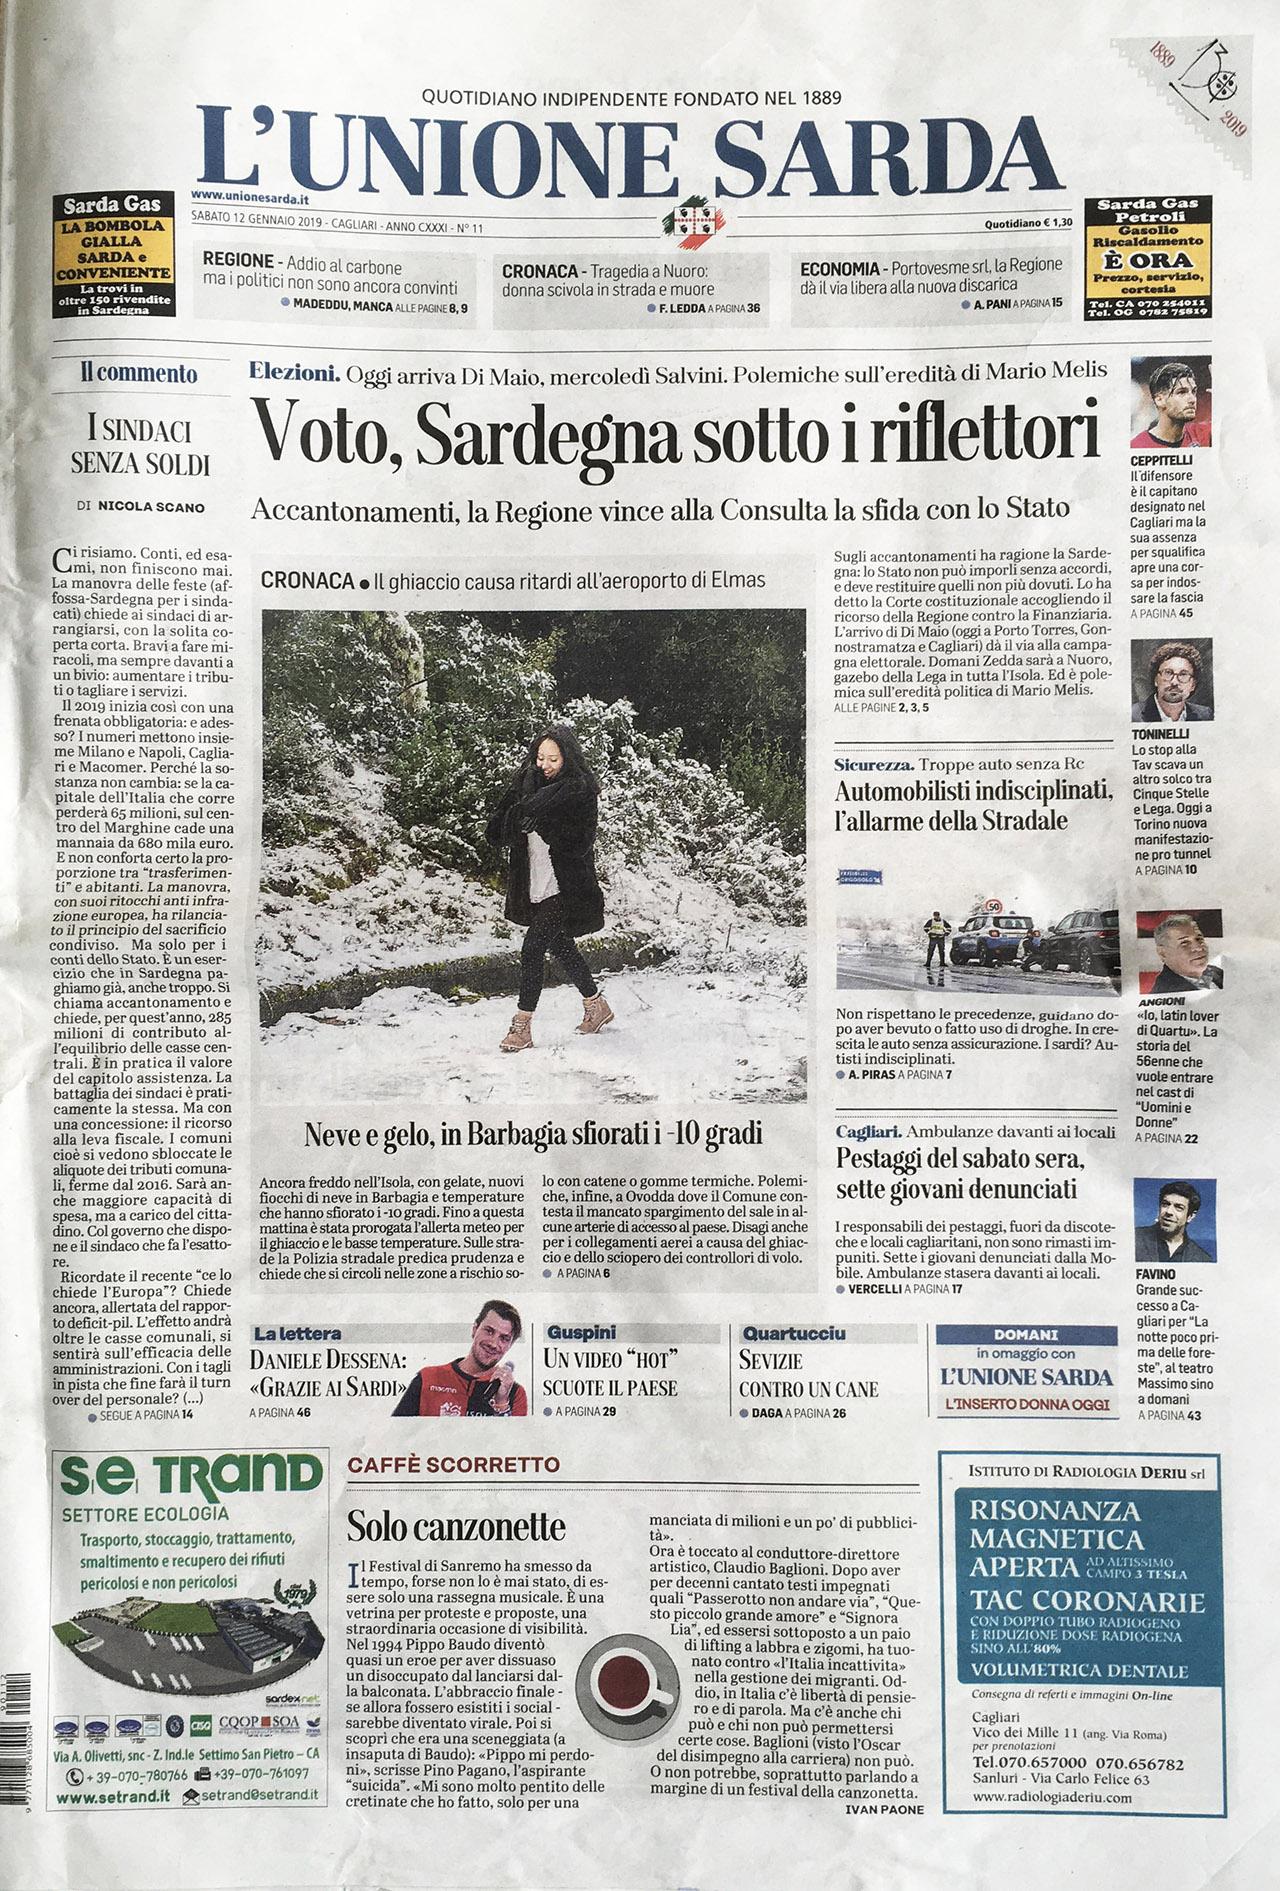 L'UNIONE SARDA 12.01.2019